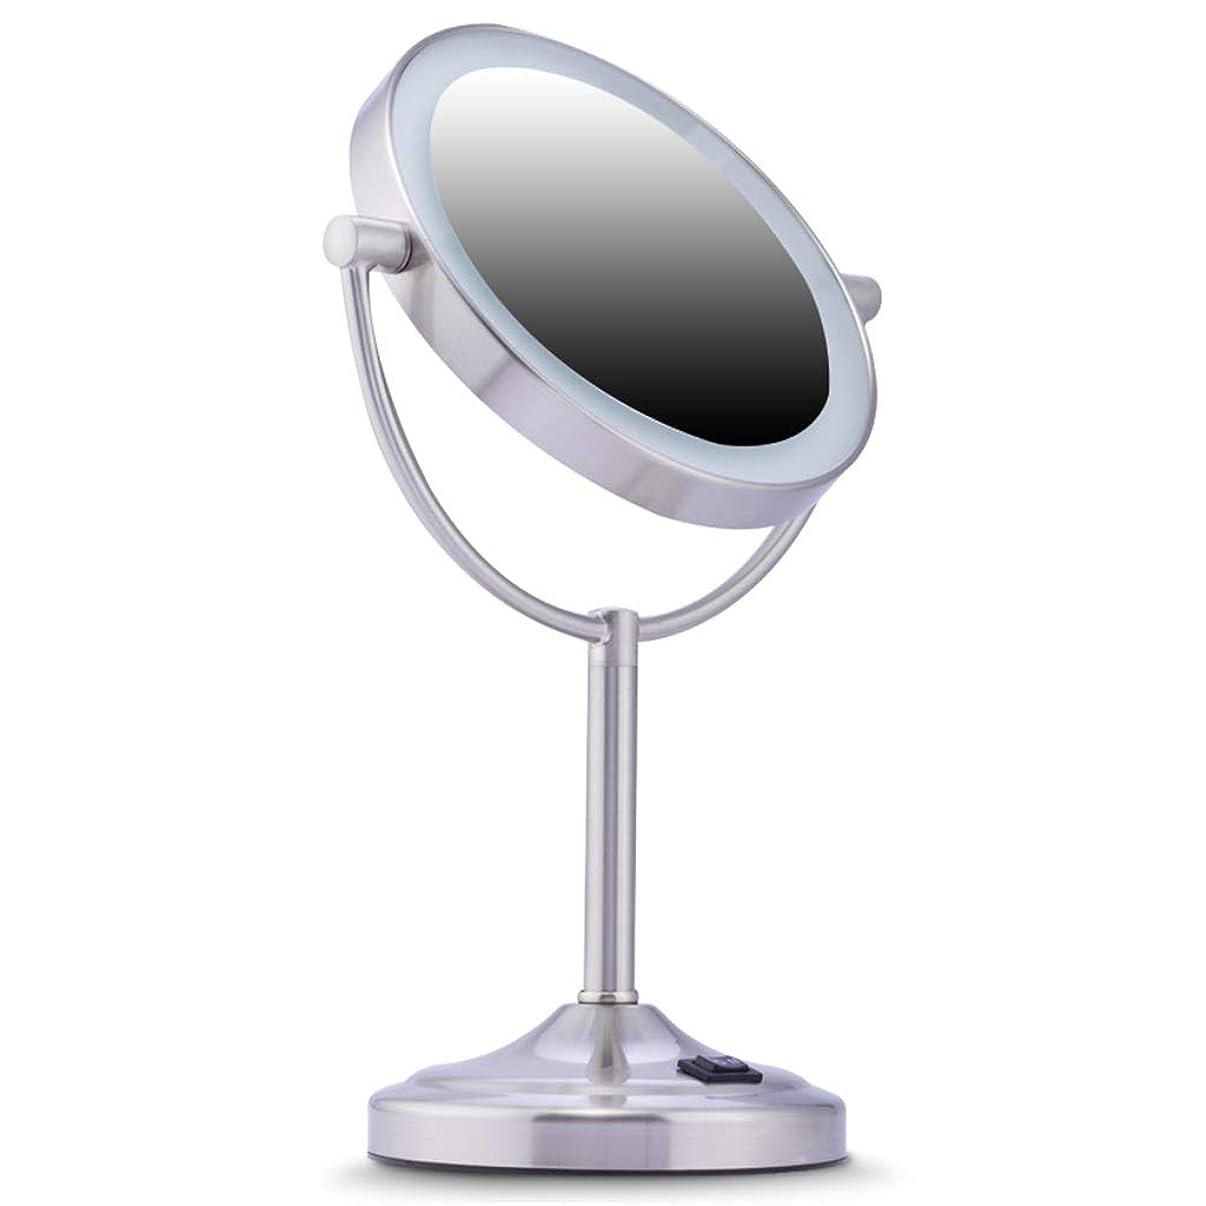 セーブやけど推測するメイクアップミラーLed卓上ミラーライトダブルサイドミラー+ 7x拡大鏡360°回転Hd Dimmableステンレス鋼